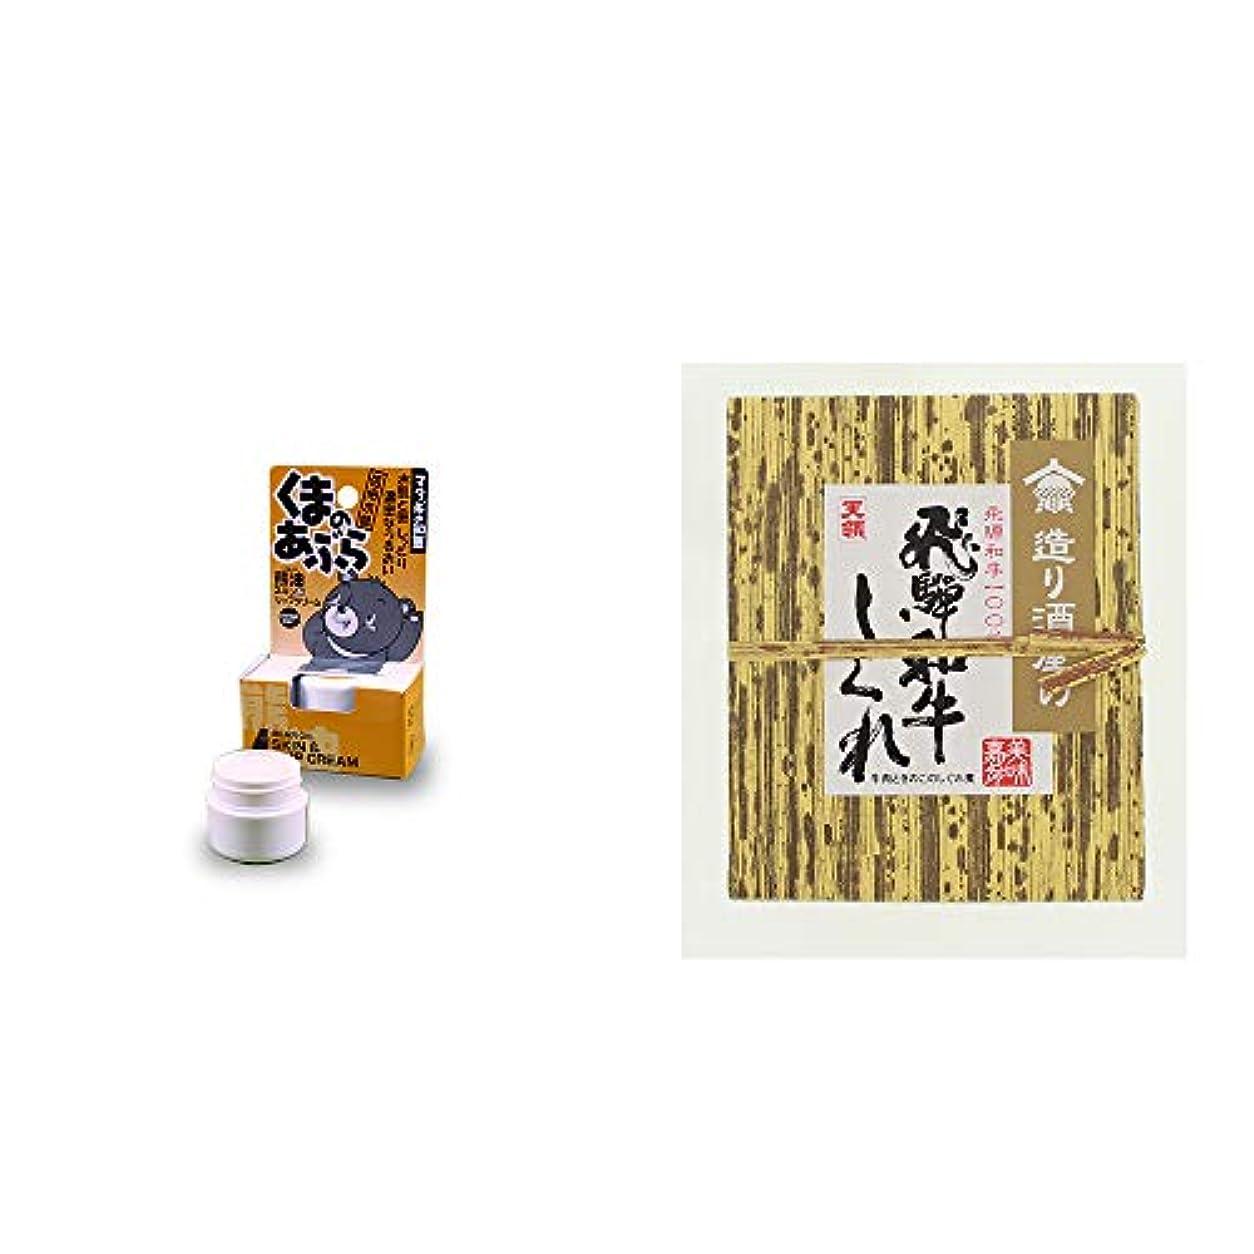 [2点セット] 信州木曽 くまのあぶら 熊油スキン&リップクリーム(9g)?天領酒造 造り酒屋の飛騨和牛しぐれ(100g)